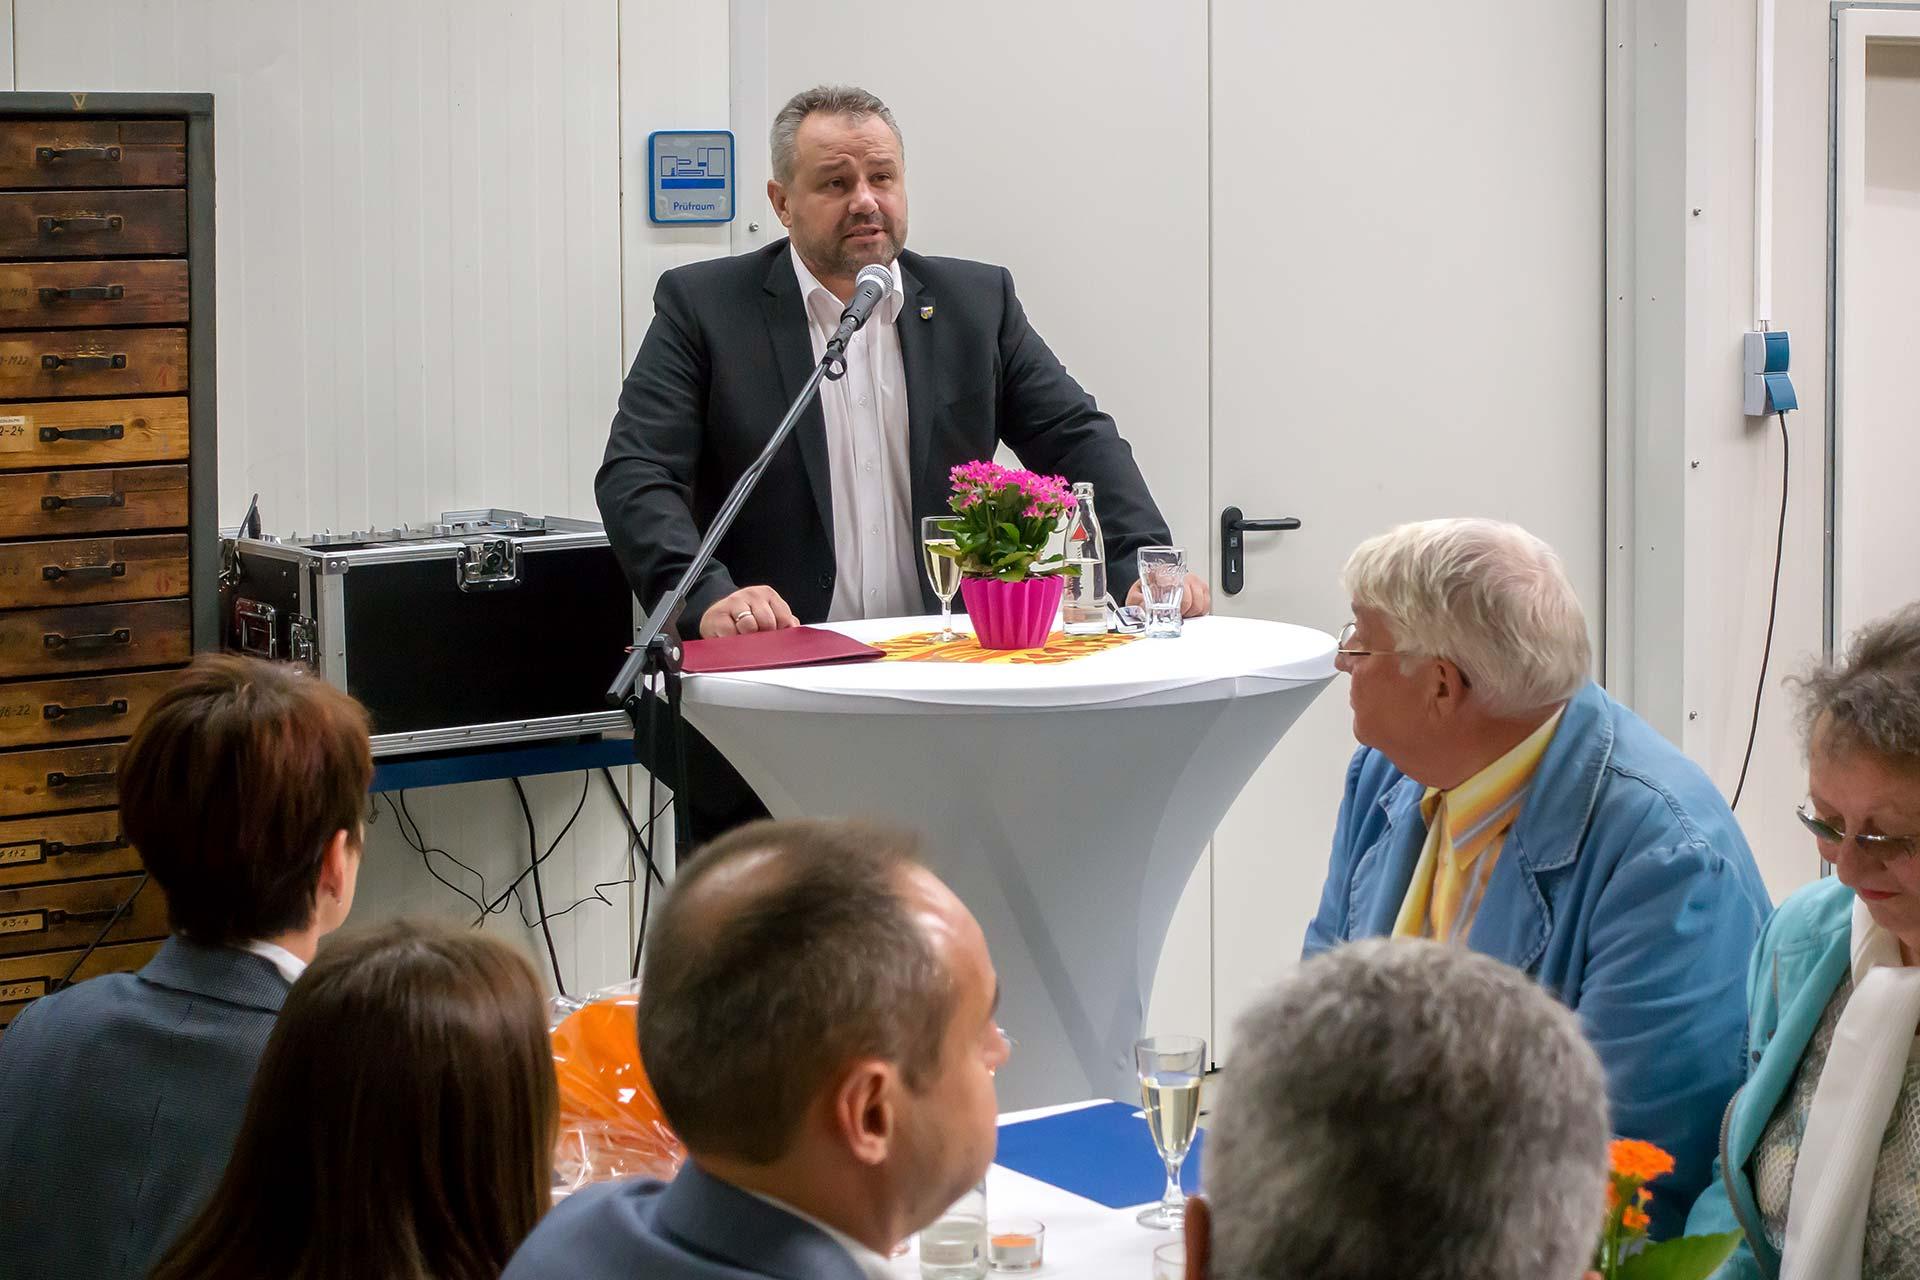 25 Jahre Technotrans - Ansprache des Bürgermeisters